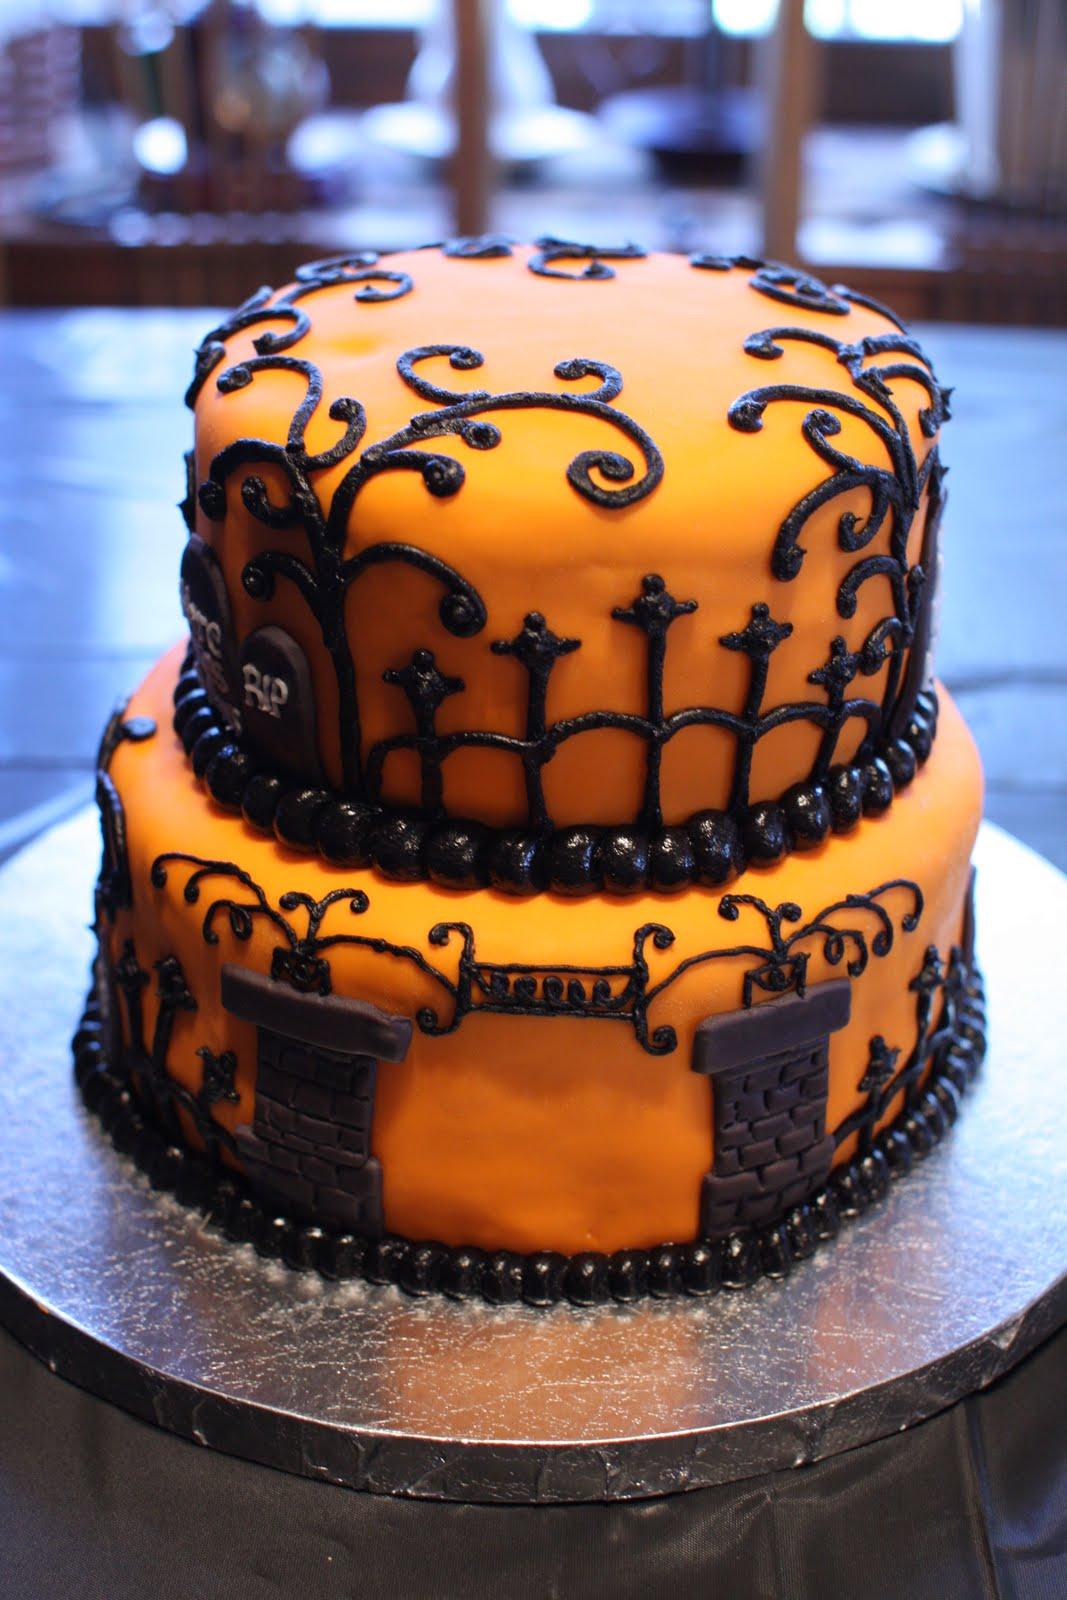 The Buttercream Bakery Graveyard Cake